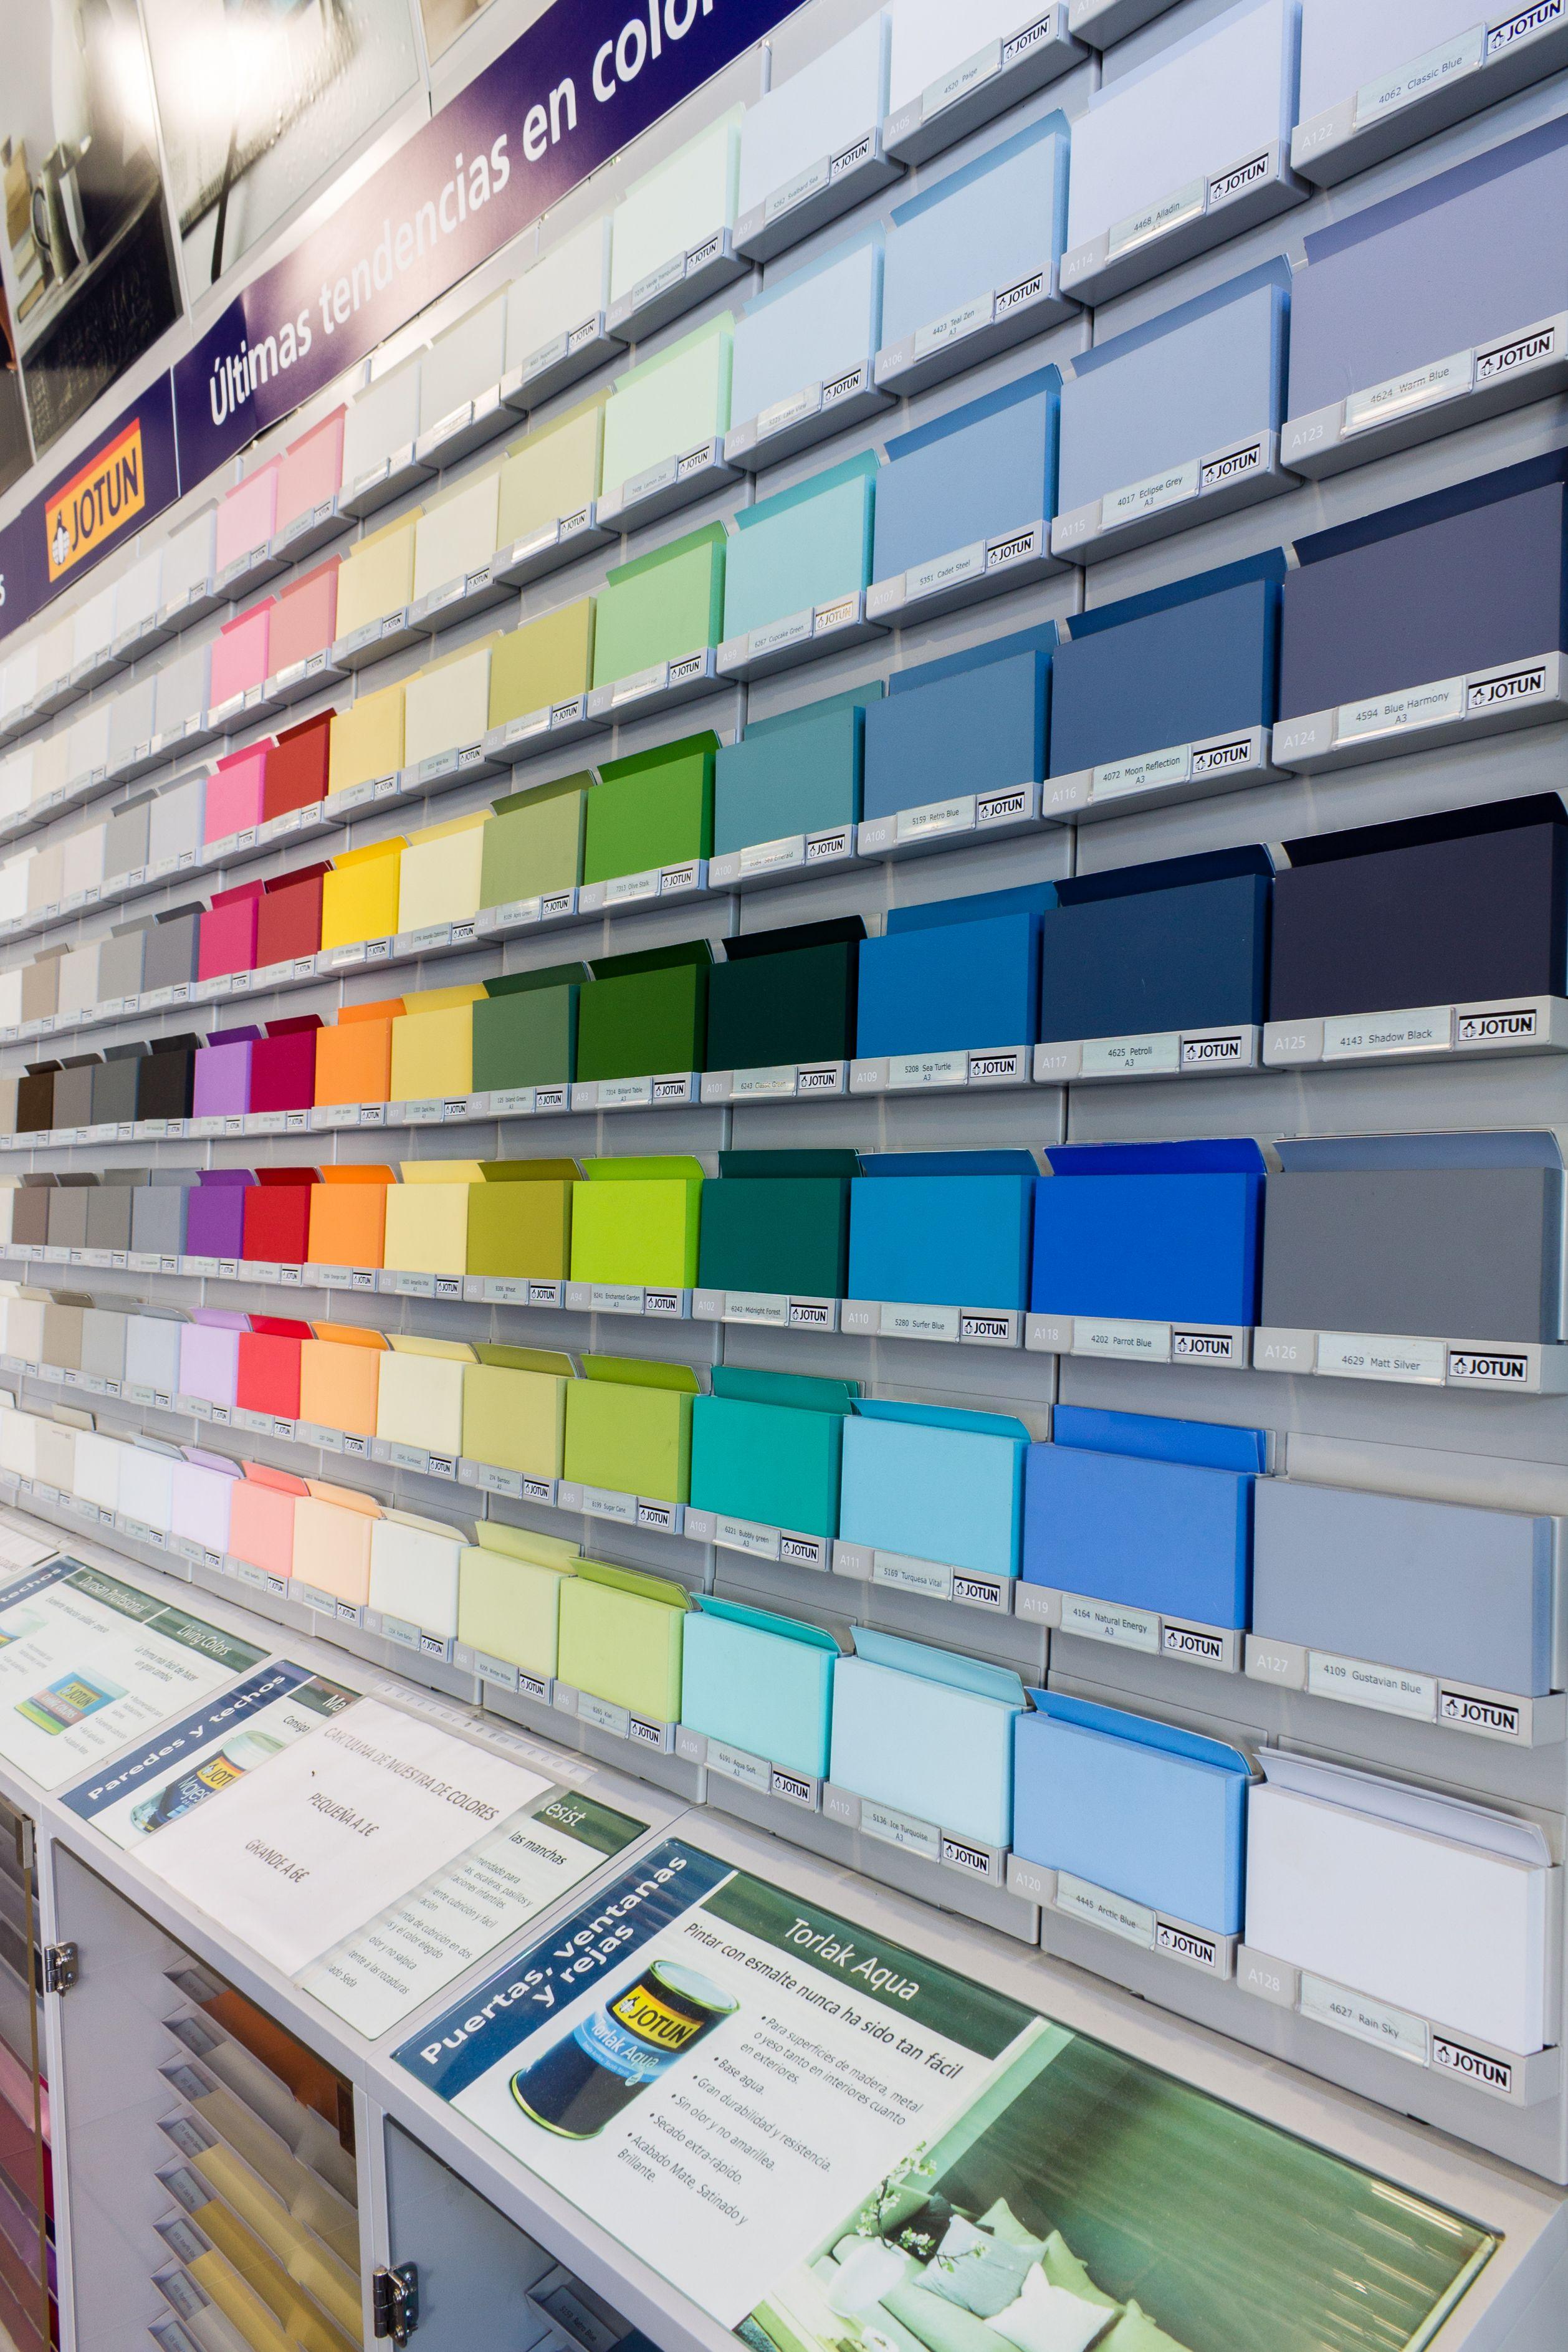 Muestrario colores Pinturas López Martos